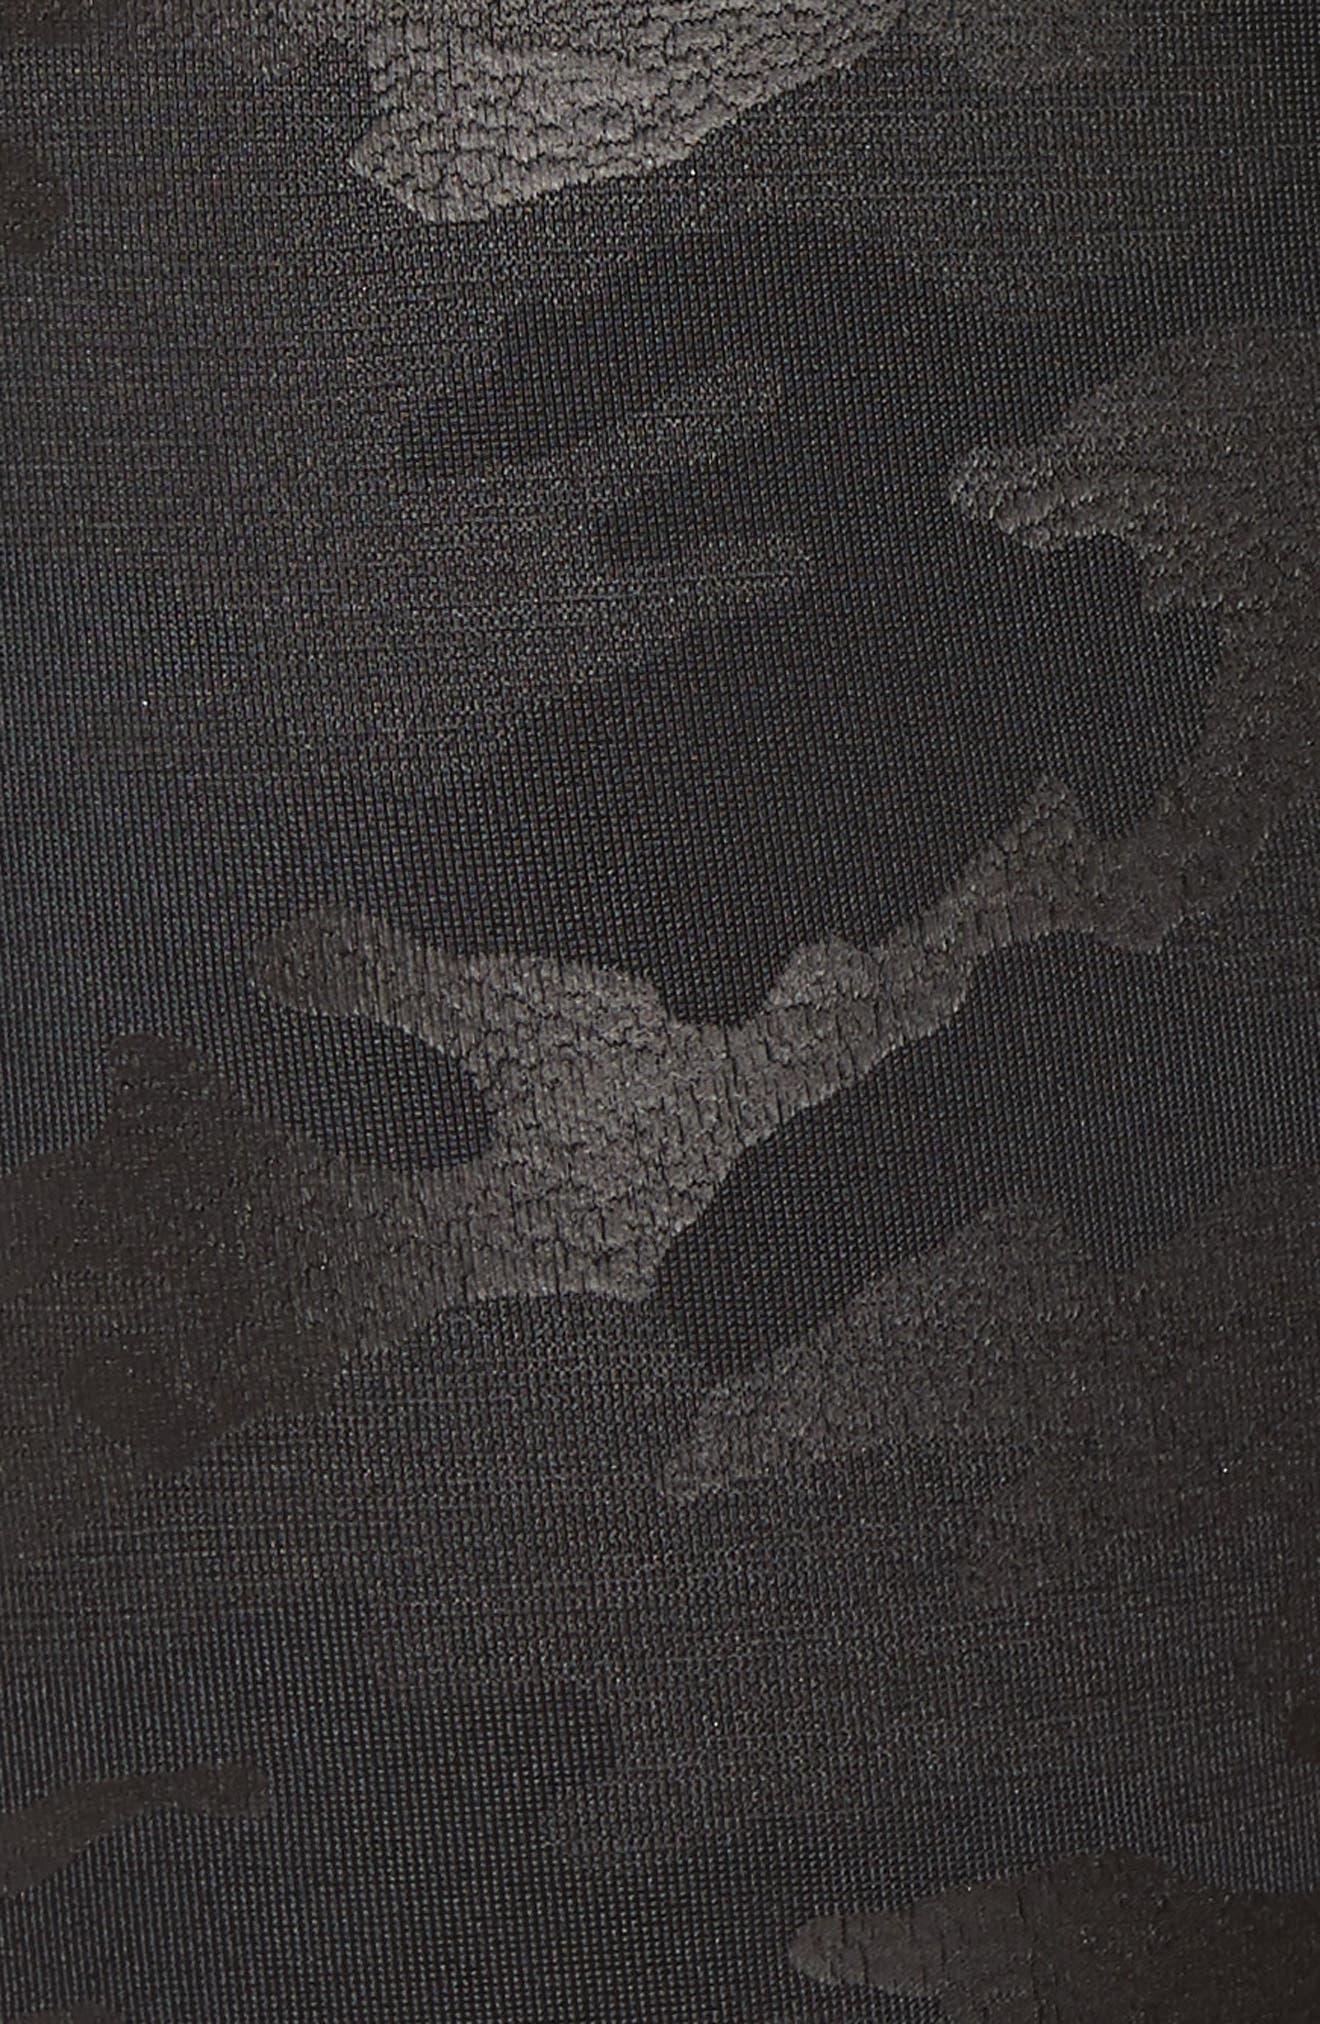 Camo Faux Leather Leggings,                             Alternate thumbnail 5, color,                             Matte Blk Camo